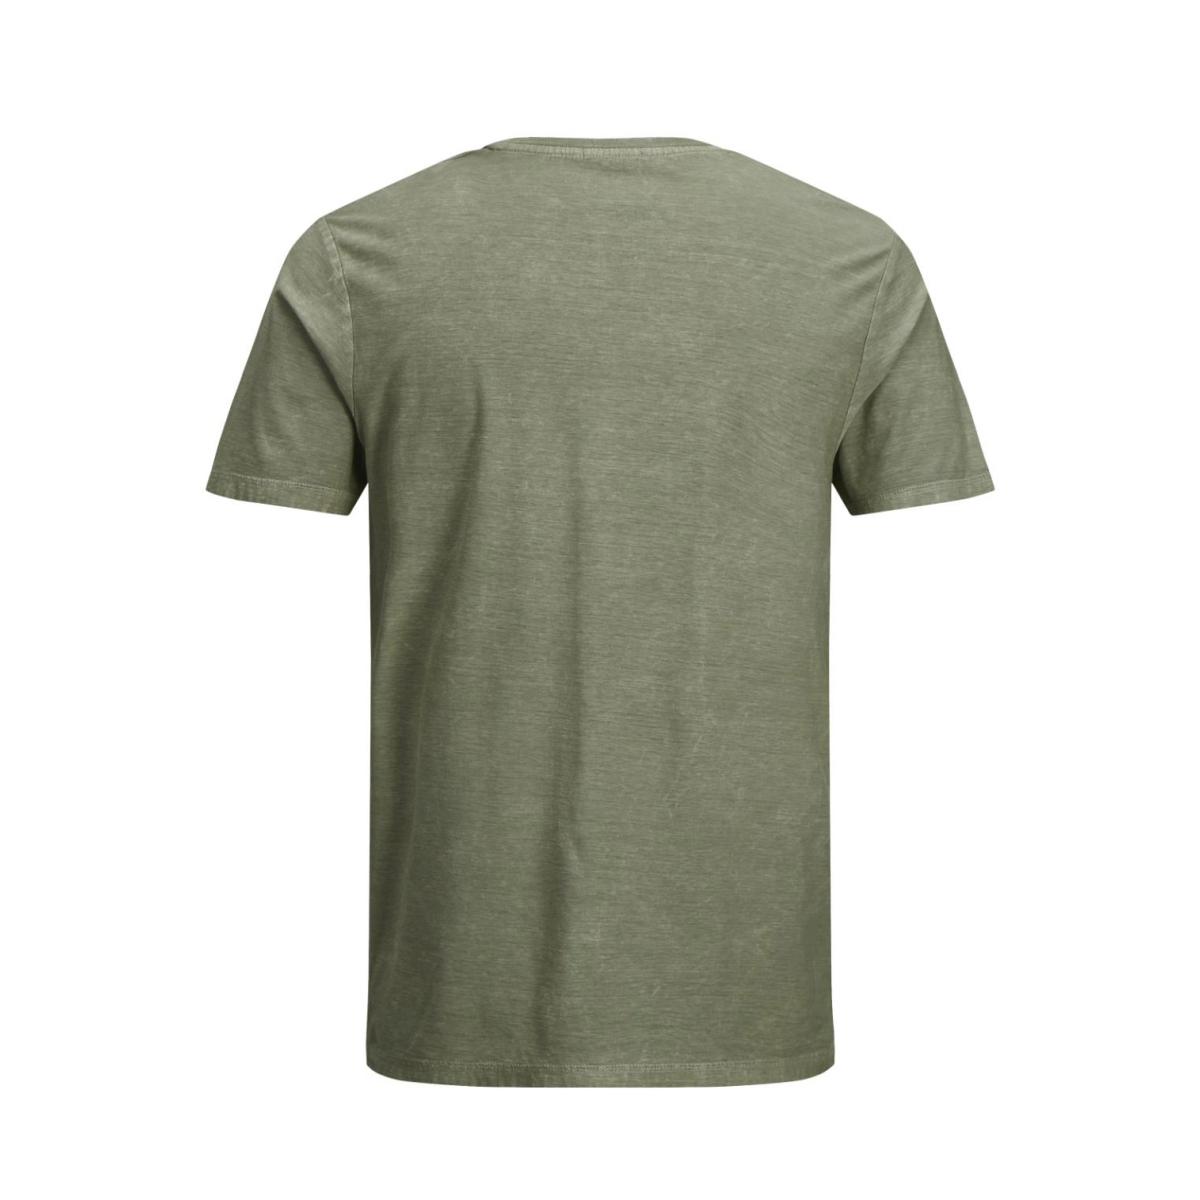 jjvfu clint ss tee 12129241 jack & jones t-shirt covert green